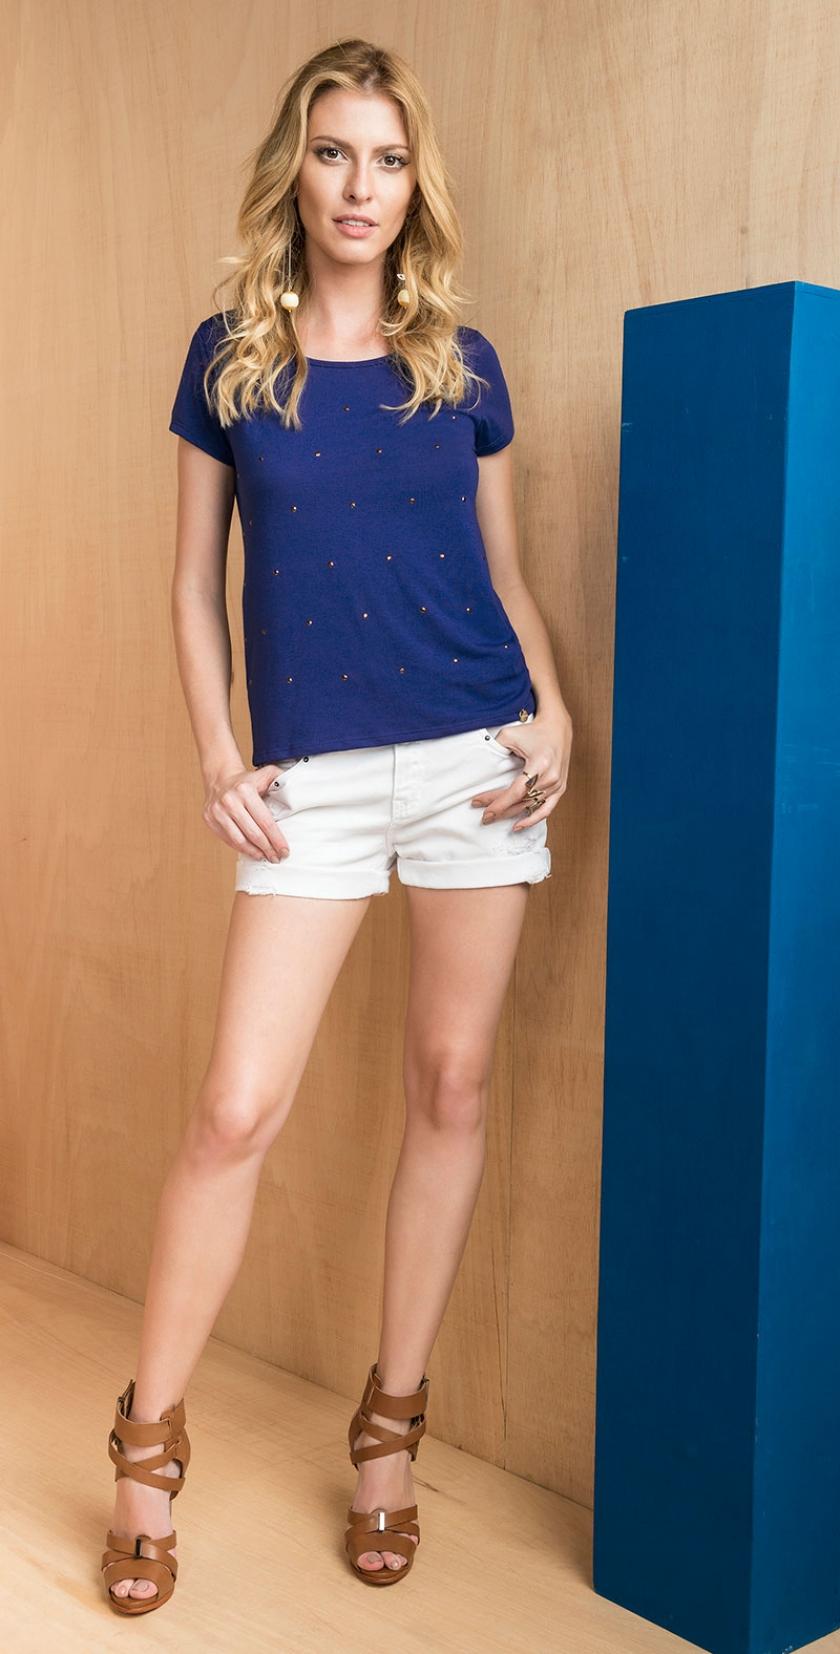 d1b3b97c83 blusa manga curta com detalhes em strass na frente e shorts sarja